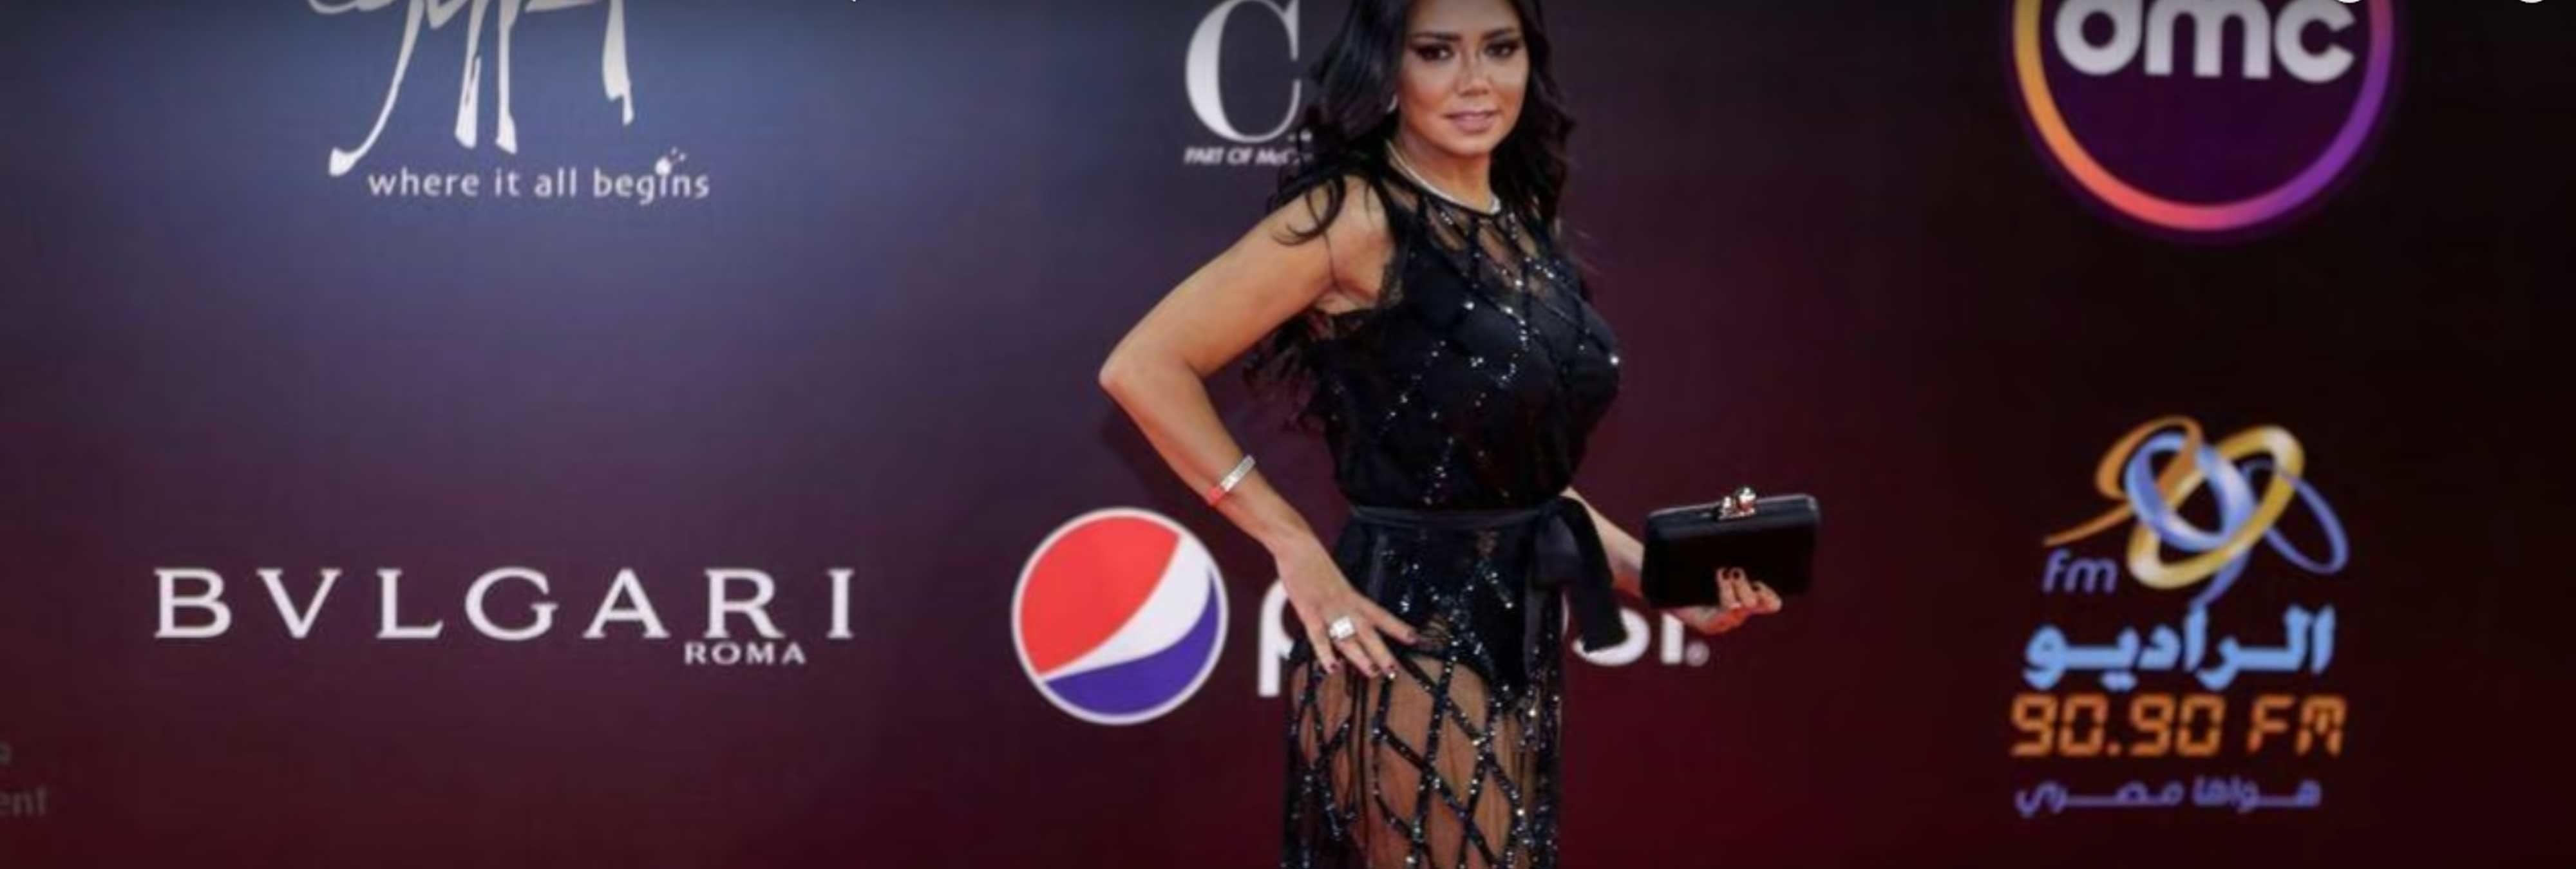 """Una actriz egipcia será juzgada por """"la inmoralidad"""" de su vestido"""